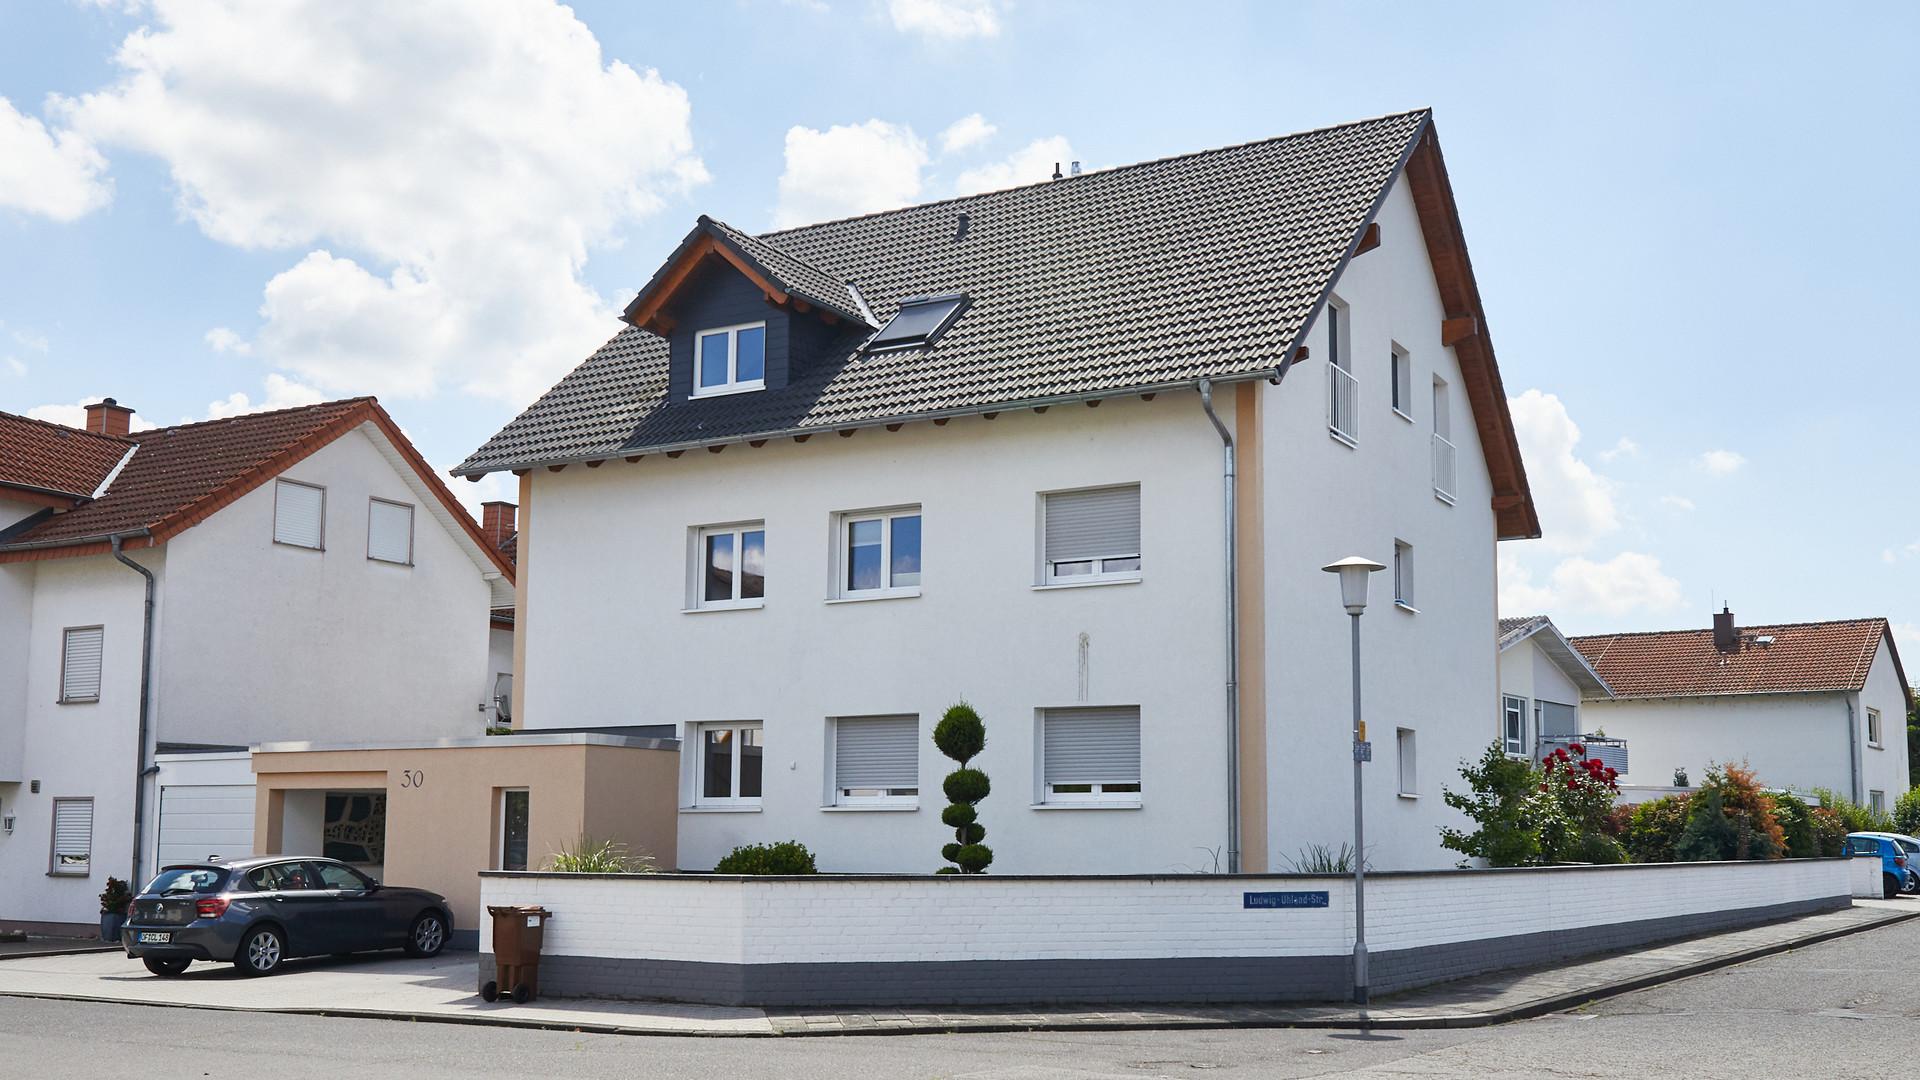 150807_Schwerber_Hausbau_001.jpg